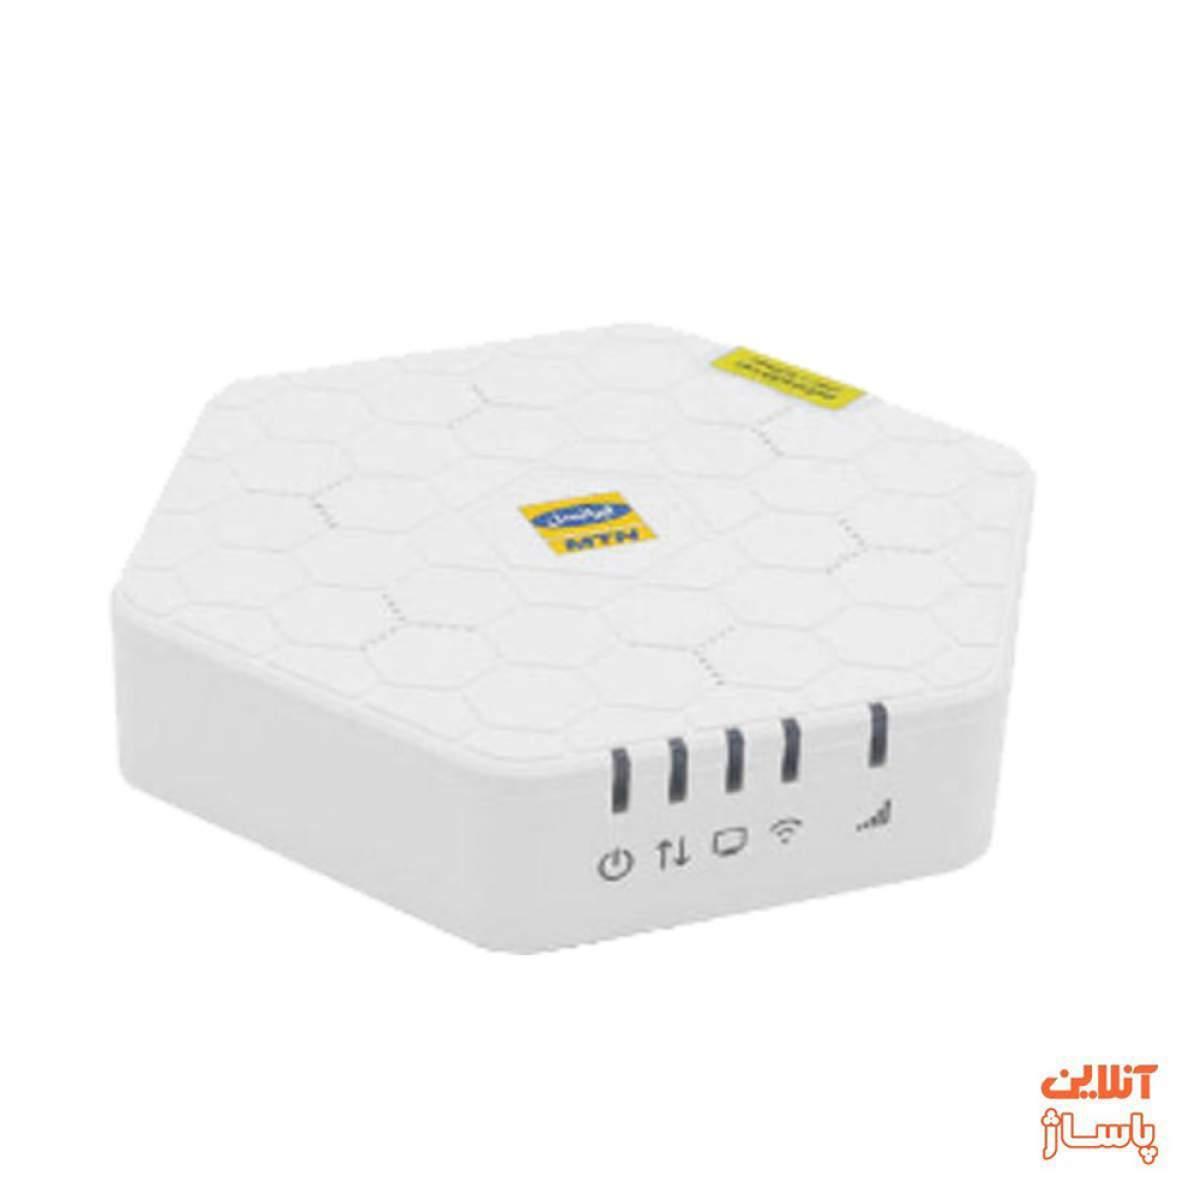 مودم 3G/4G ایرانسل مدل FD-i40 E1 به همراه 85 گیگابایت اینترنت 12 ماهه